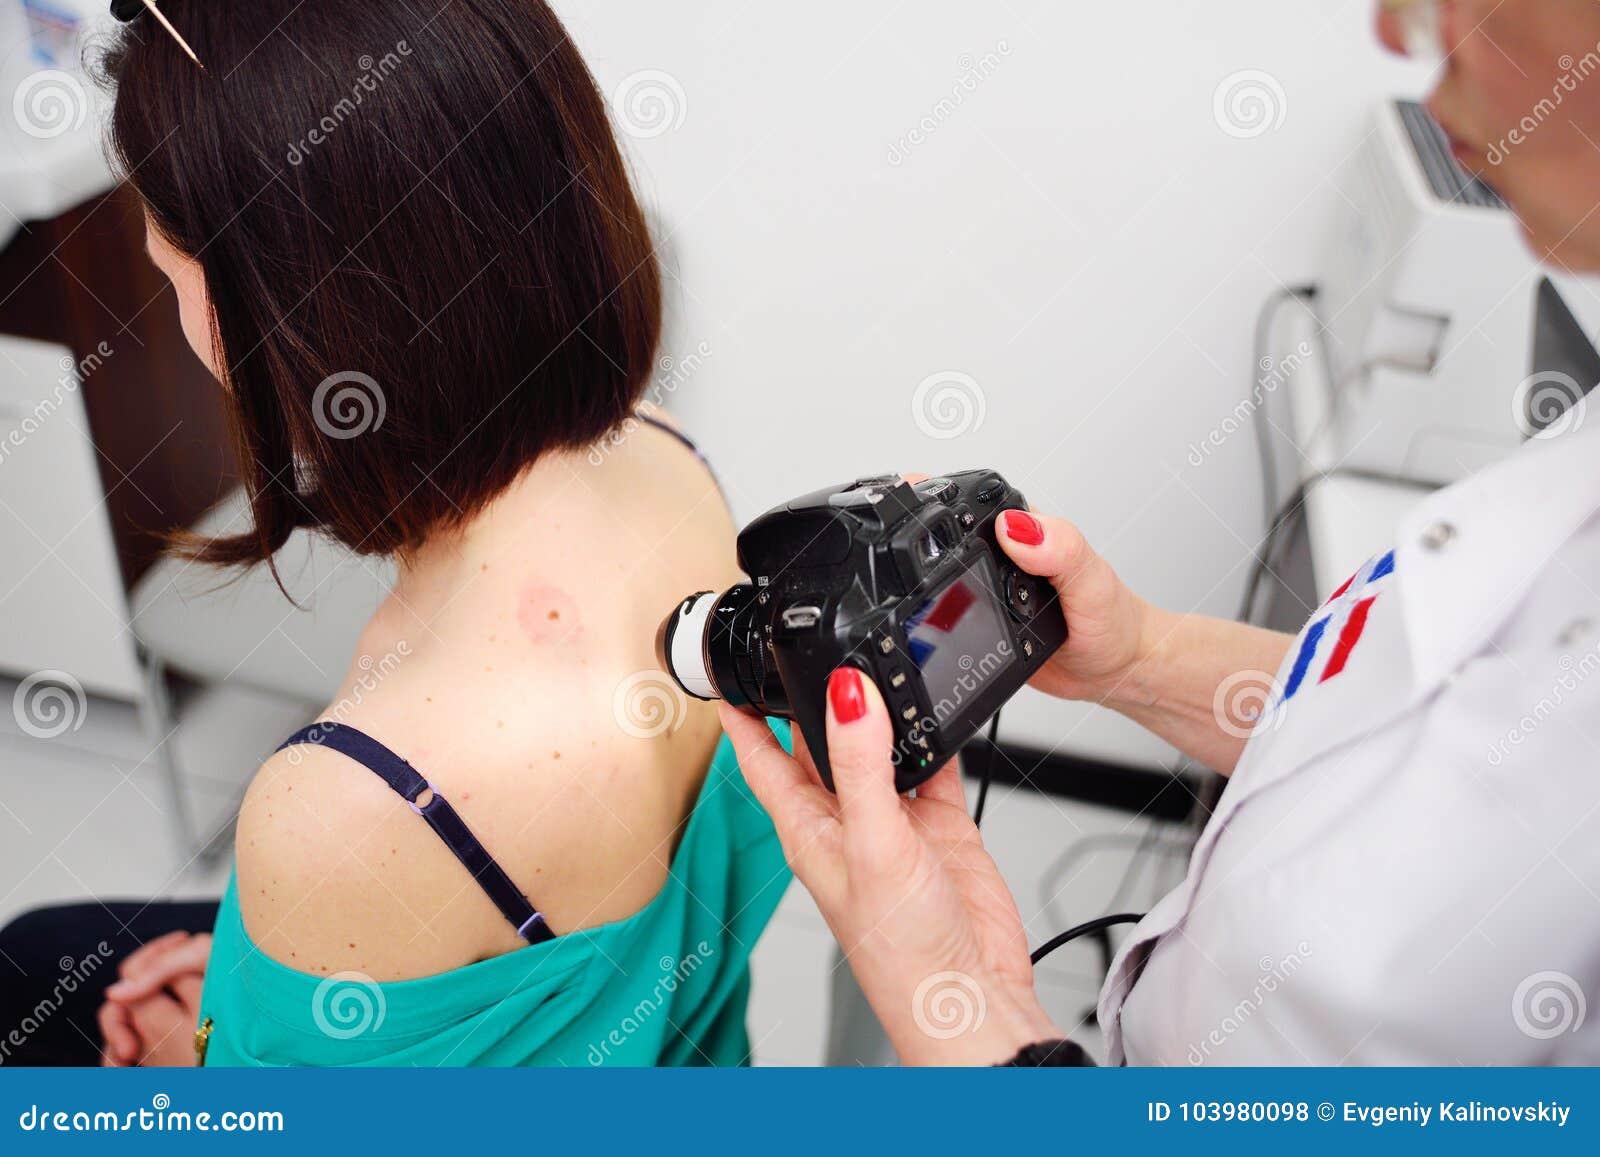 Il dermatologo esamina le talpe o l acne del paziente con un dermatoscope